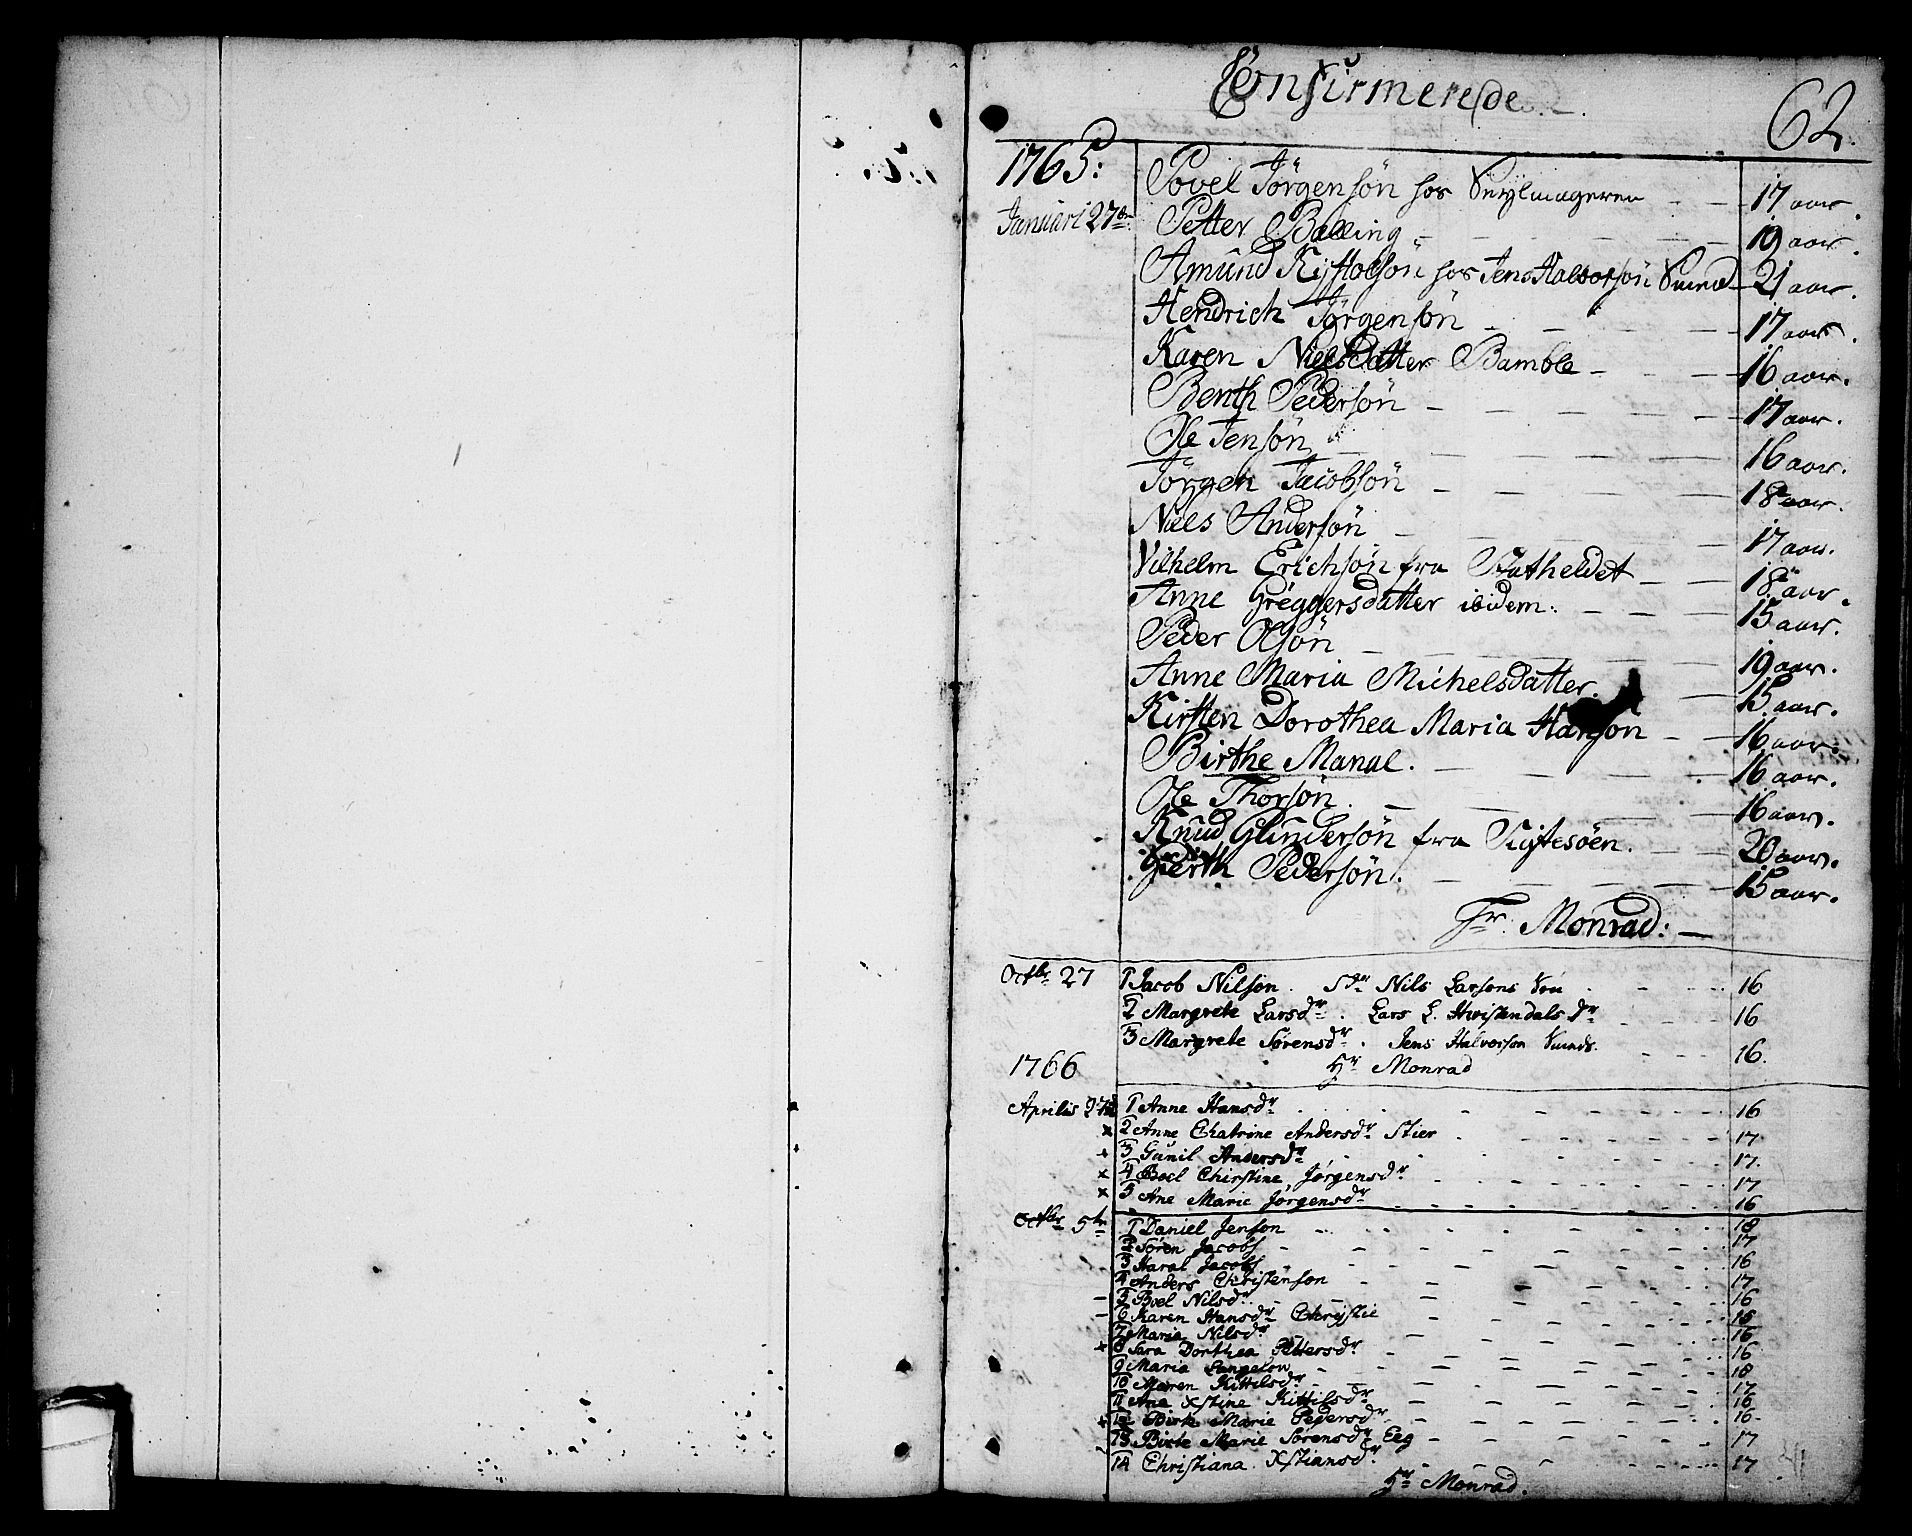 SAKO, Brevik kirkebøker, F/Fa/L0003: Ministerialbok nr. 3, 1764-1814, s. 62